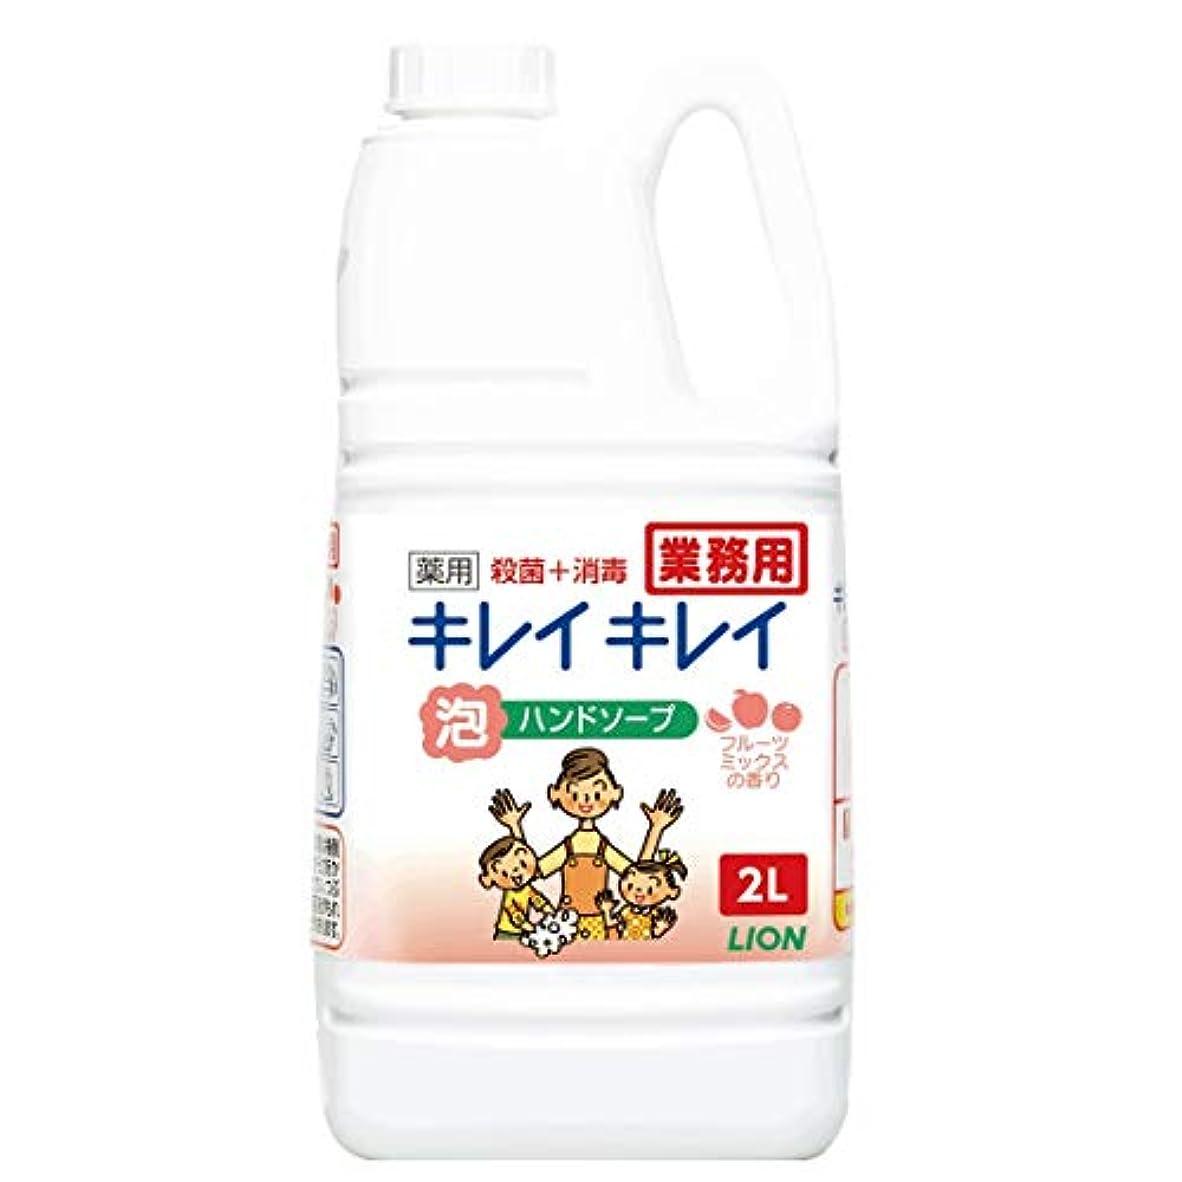 パラメータ不十分三番【大容量】キレイキレイ 薬用泡ハンドソープ フルーツミックスの香り 2L